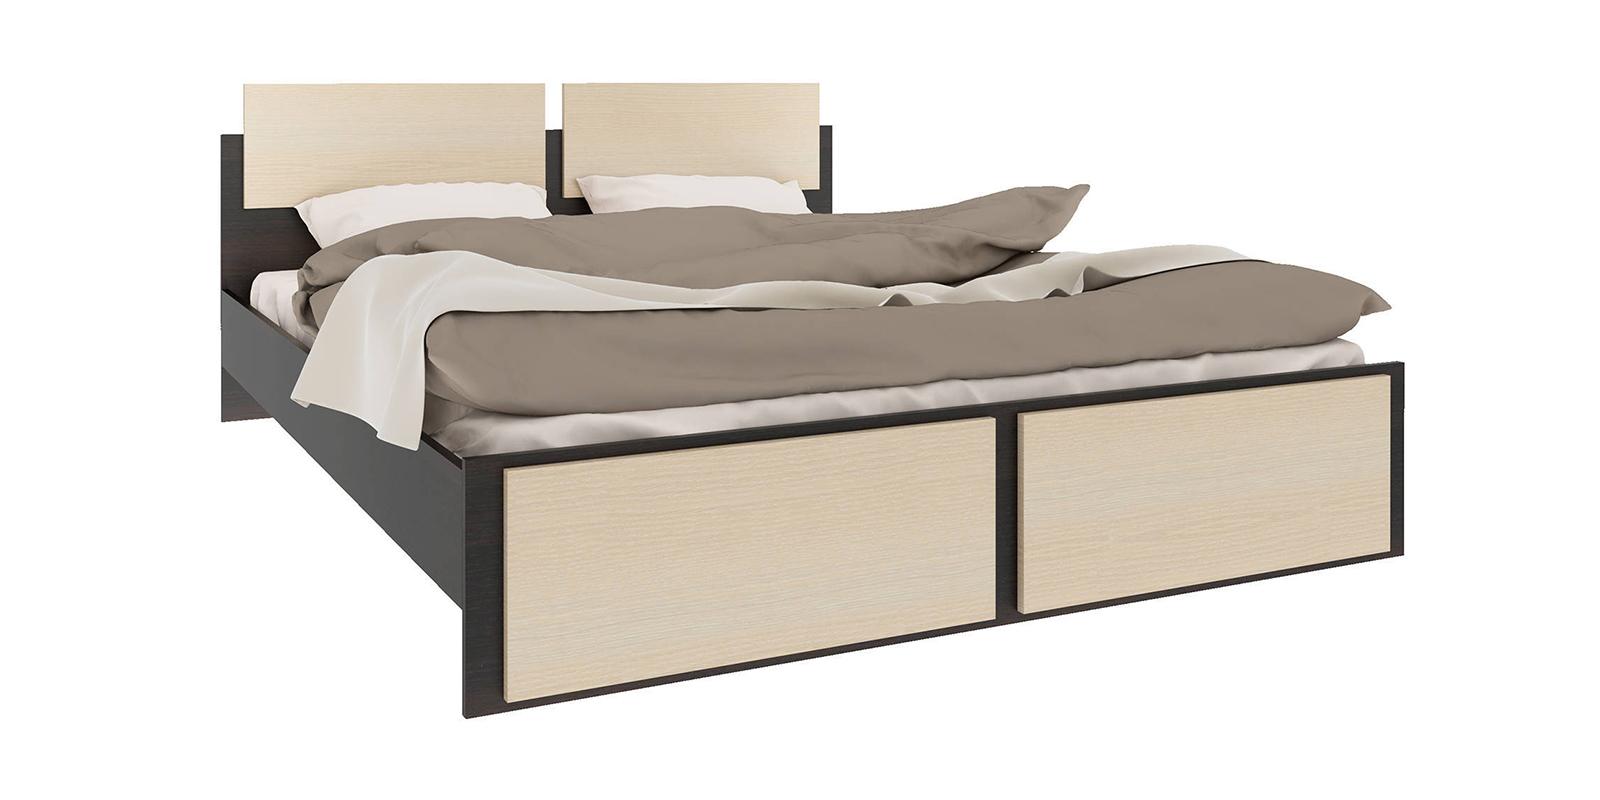 Кровать каркасная 200х160 Родос без подъемного механизма (венге/дуб молочный)